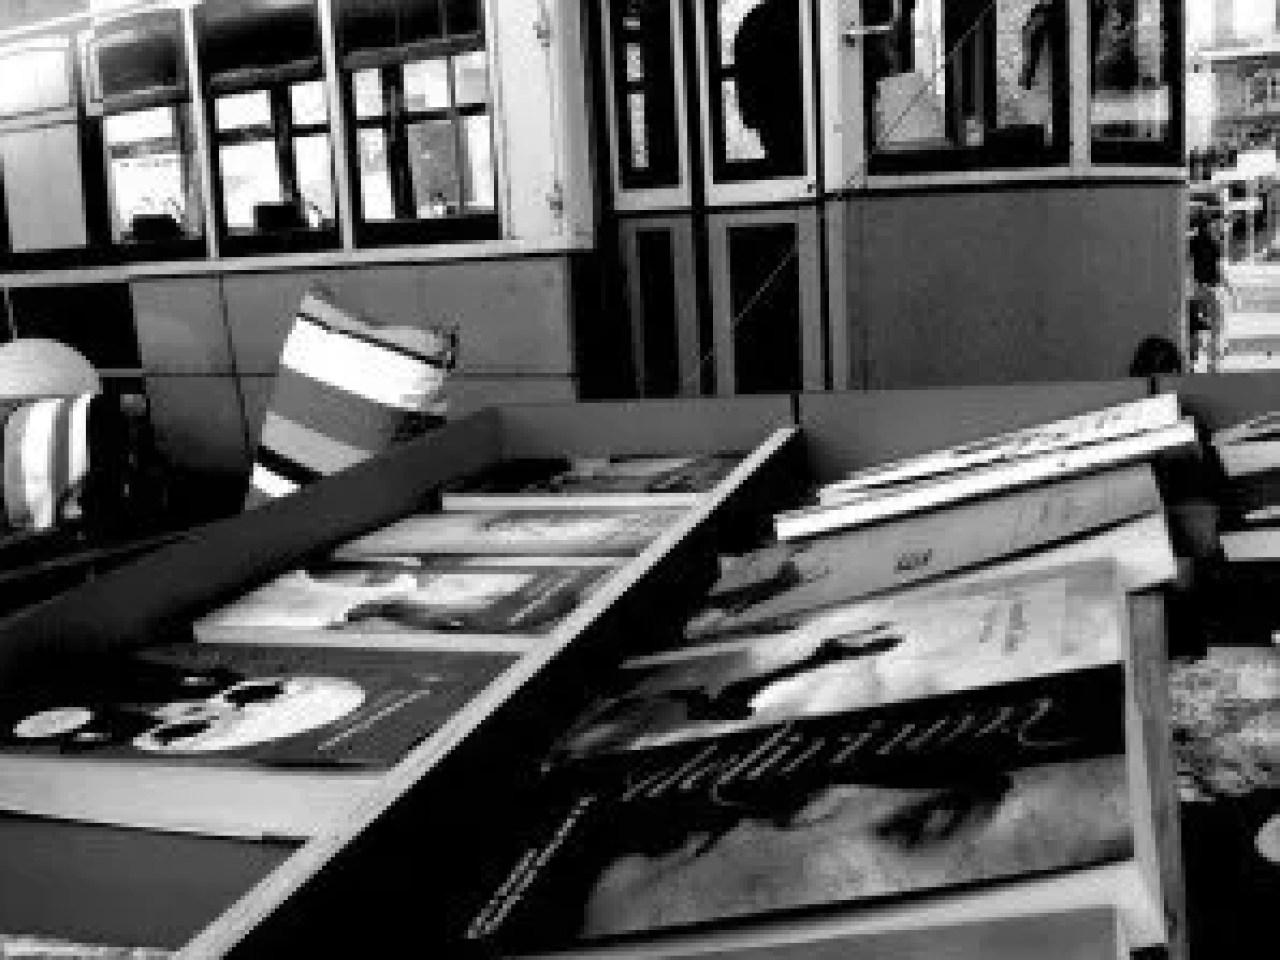 Annual book fair at Parque Eduardo VII in Lisbon